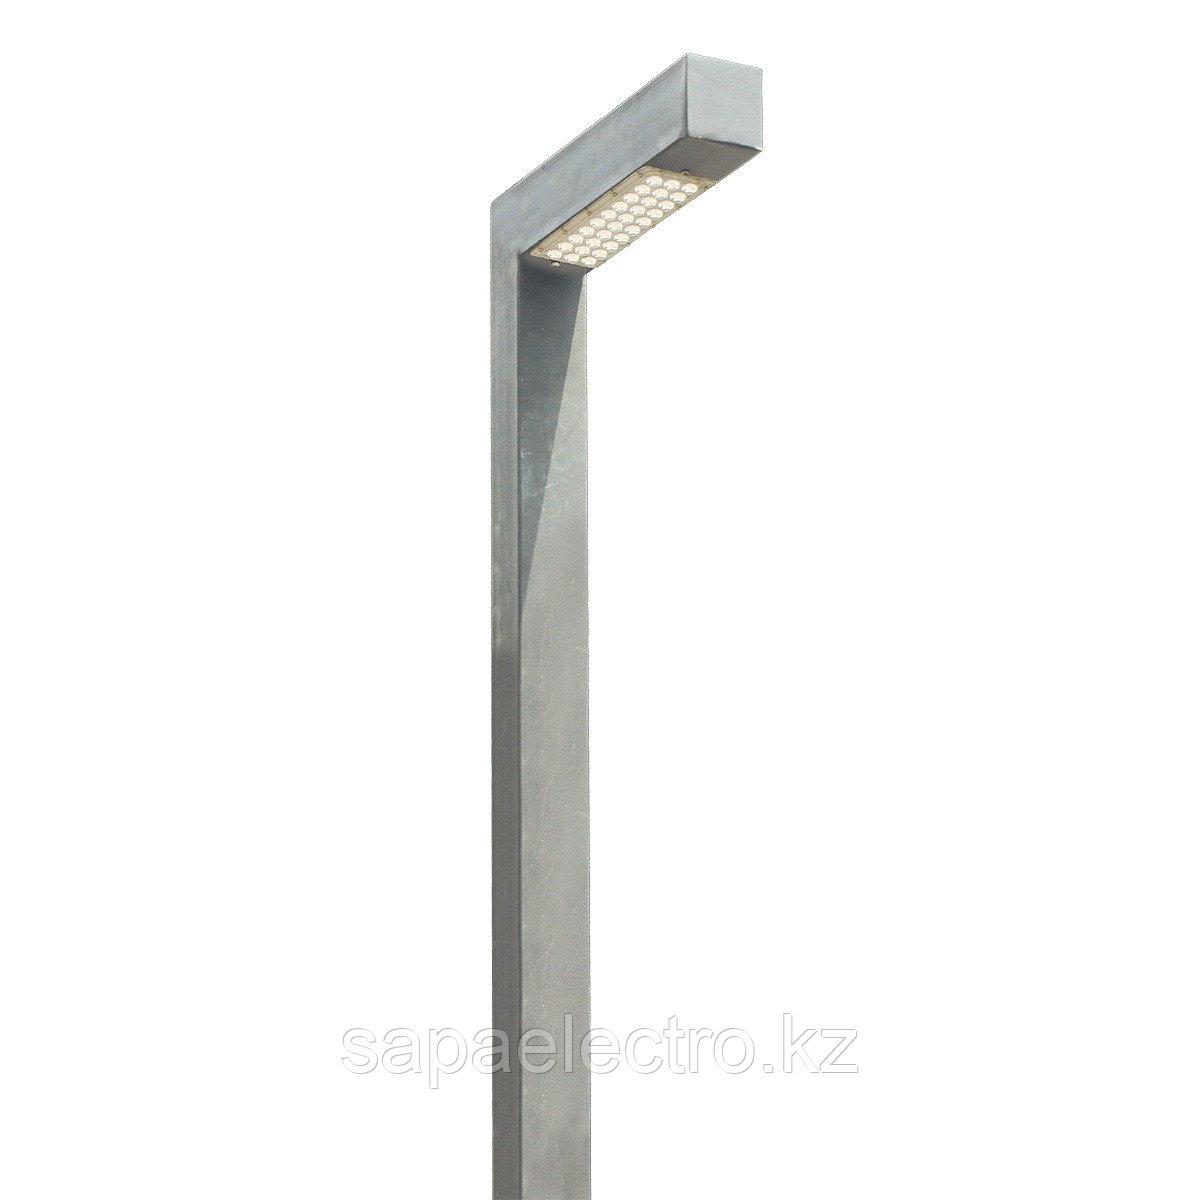 Св-к Профильный LED 30W 80х80 GREY  H-4м MEGALUX 1ш